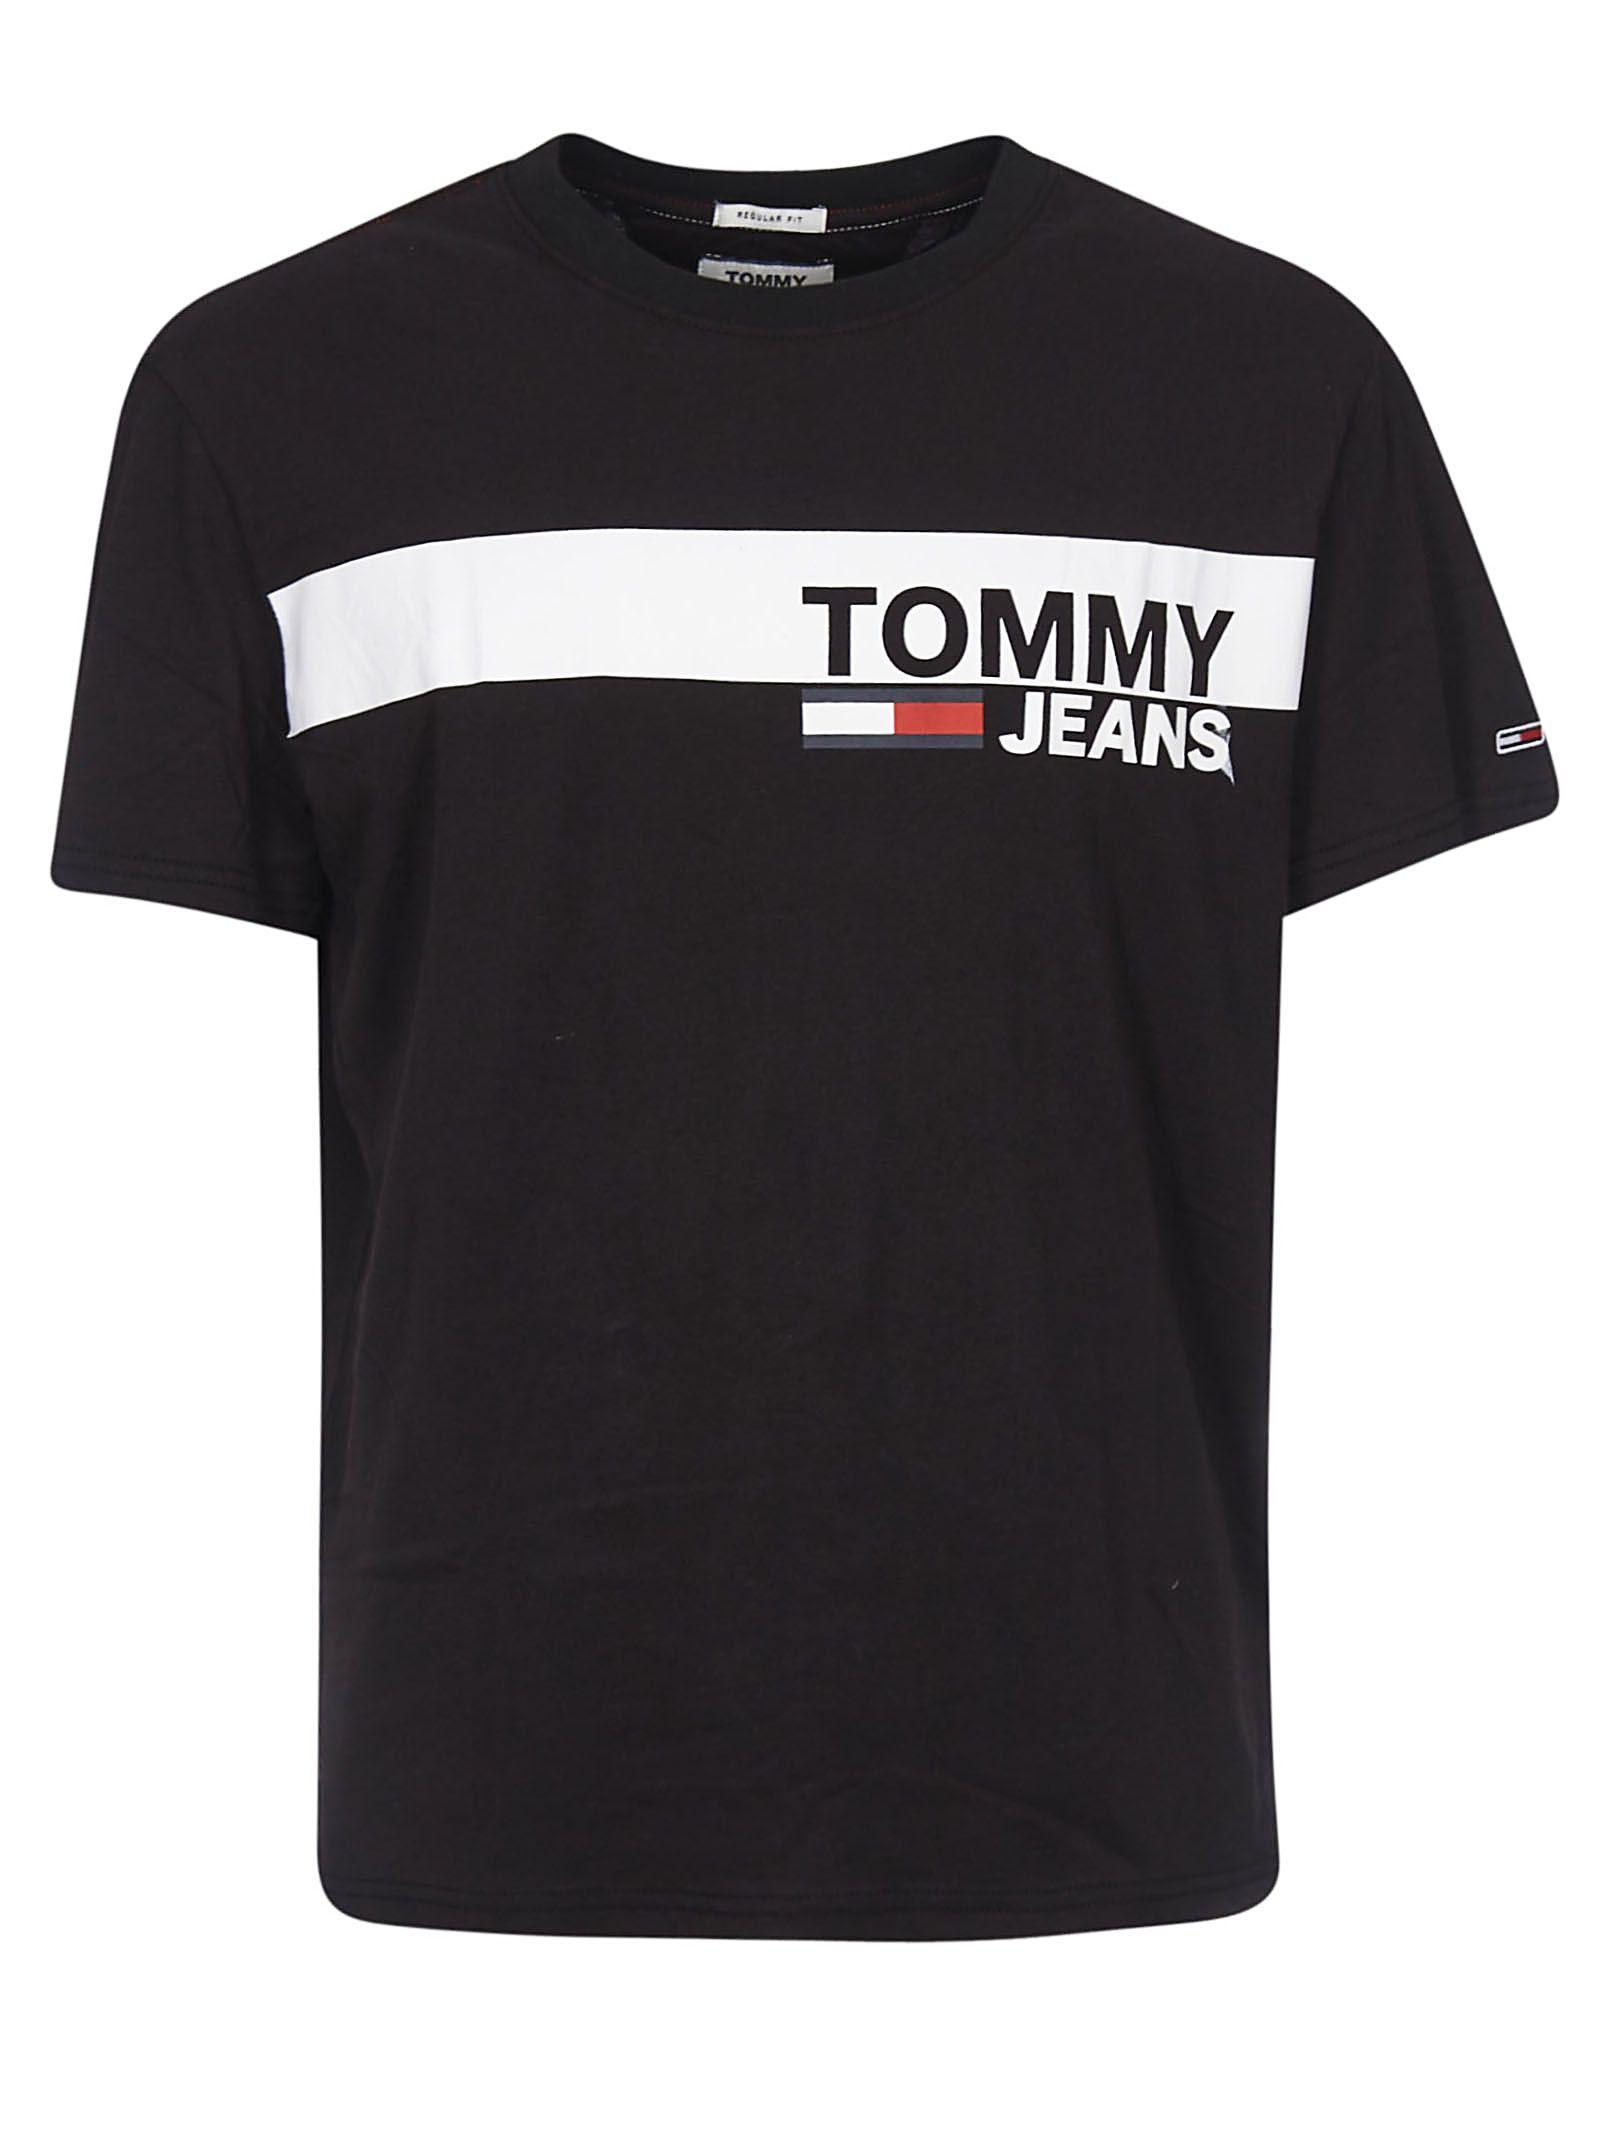 Tommy Hilfiger Essential Box Logo T Shirt Tommyhilfiger Cloth Tommy Hilfiger T Shirt Adidas Shirt Mens Tee Shirt Fashion [ 2136 x 1600 Pixel ]